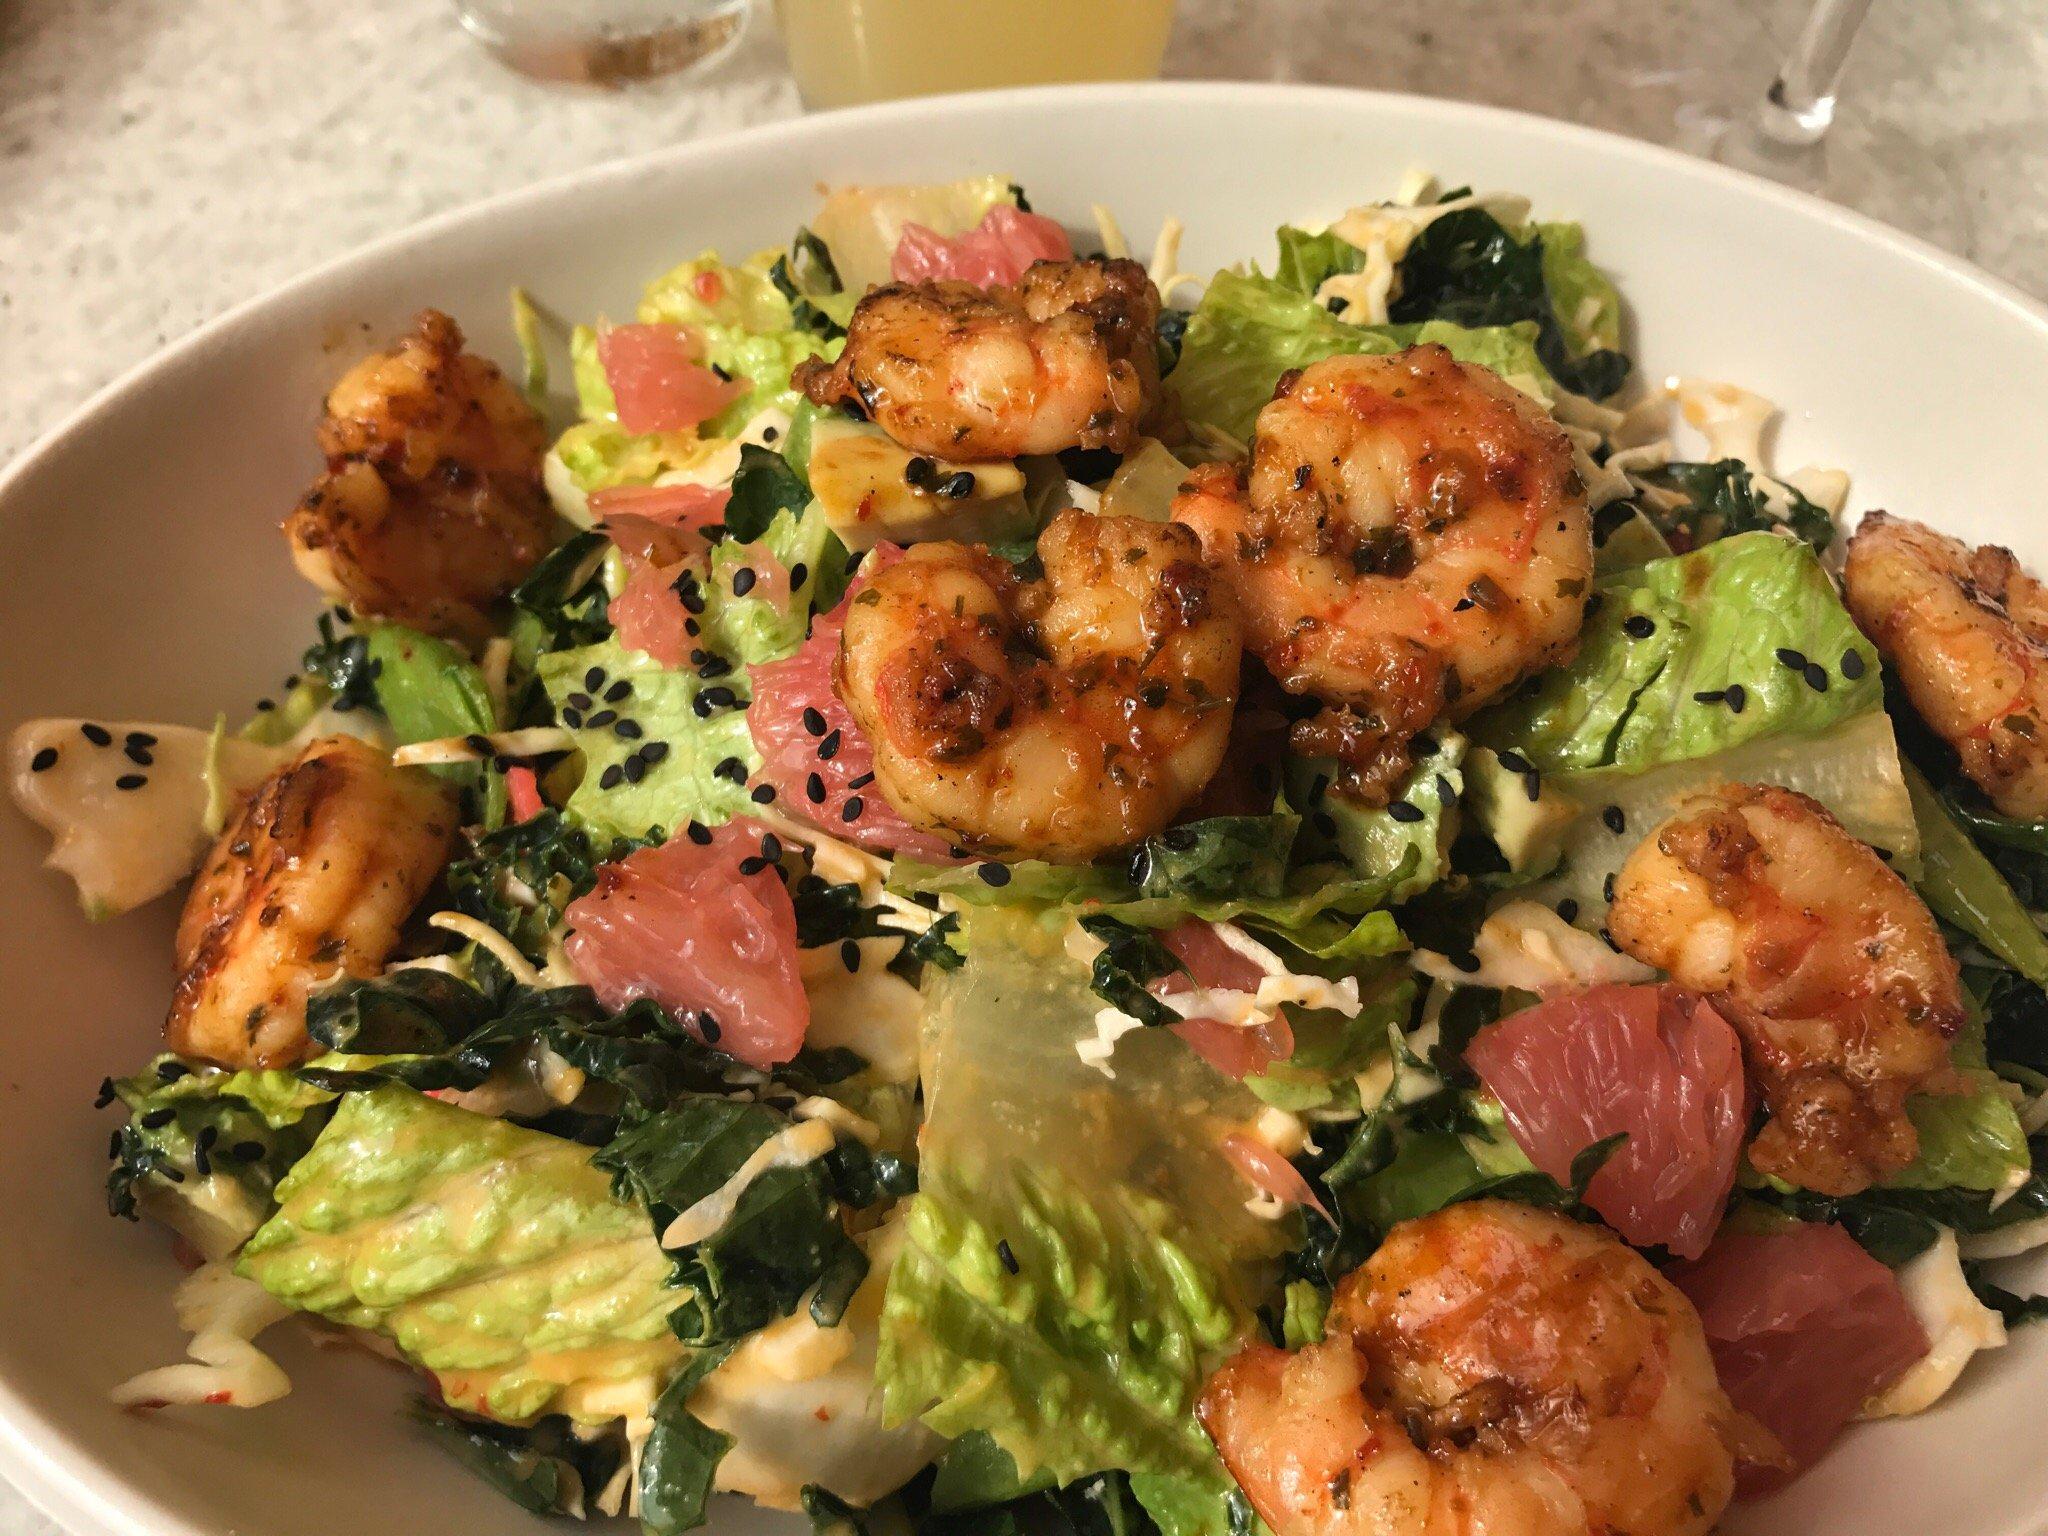 True Food Kitchen, Newport Beach - Menu, Prices & Restaurant ...